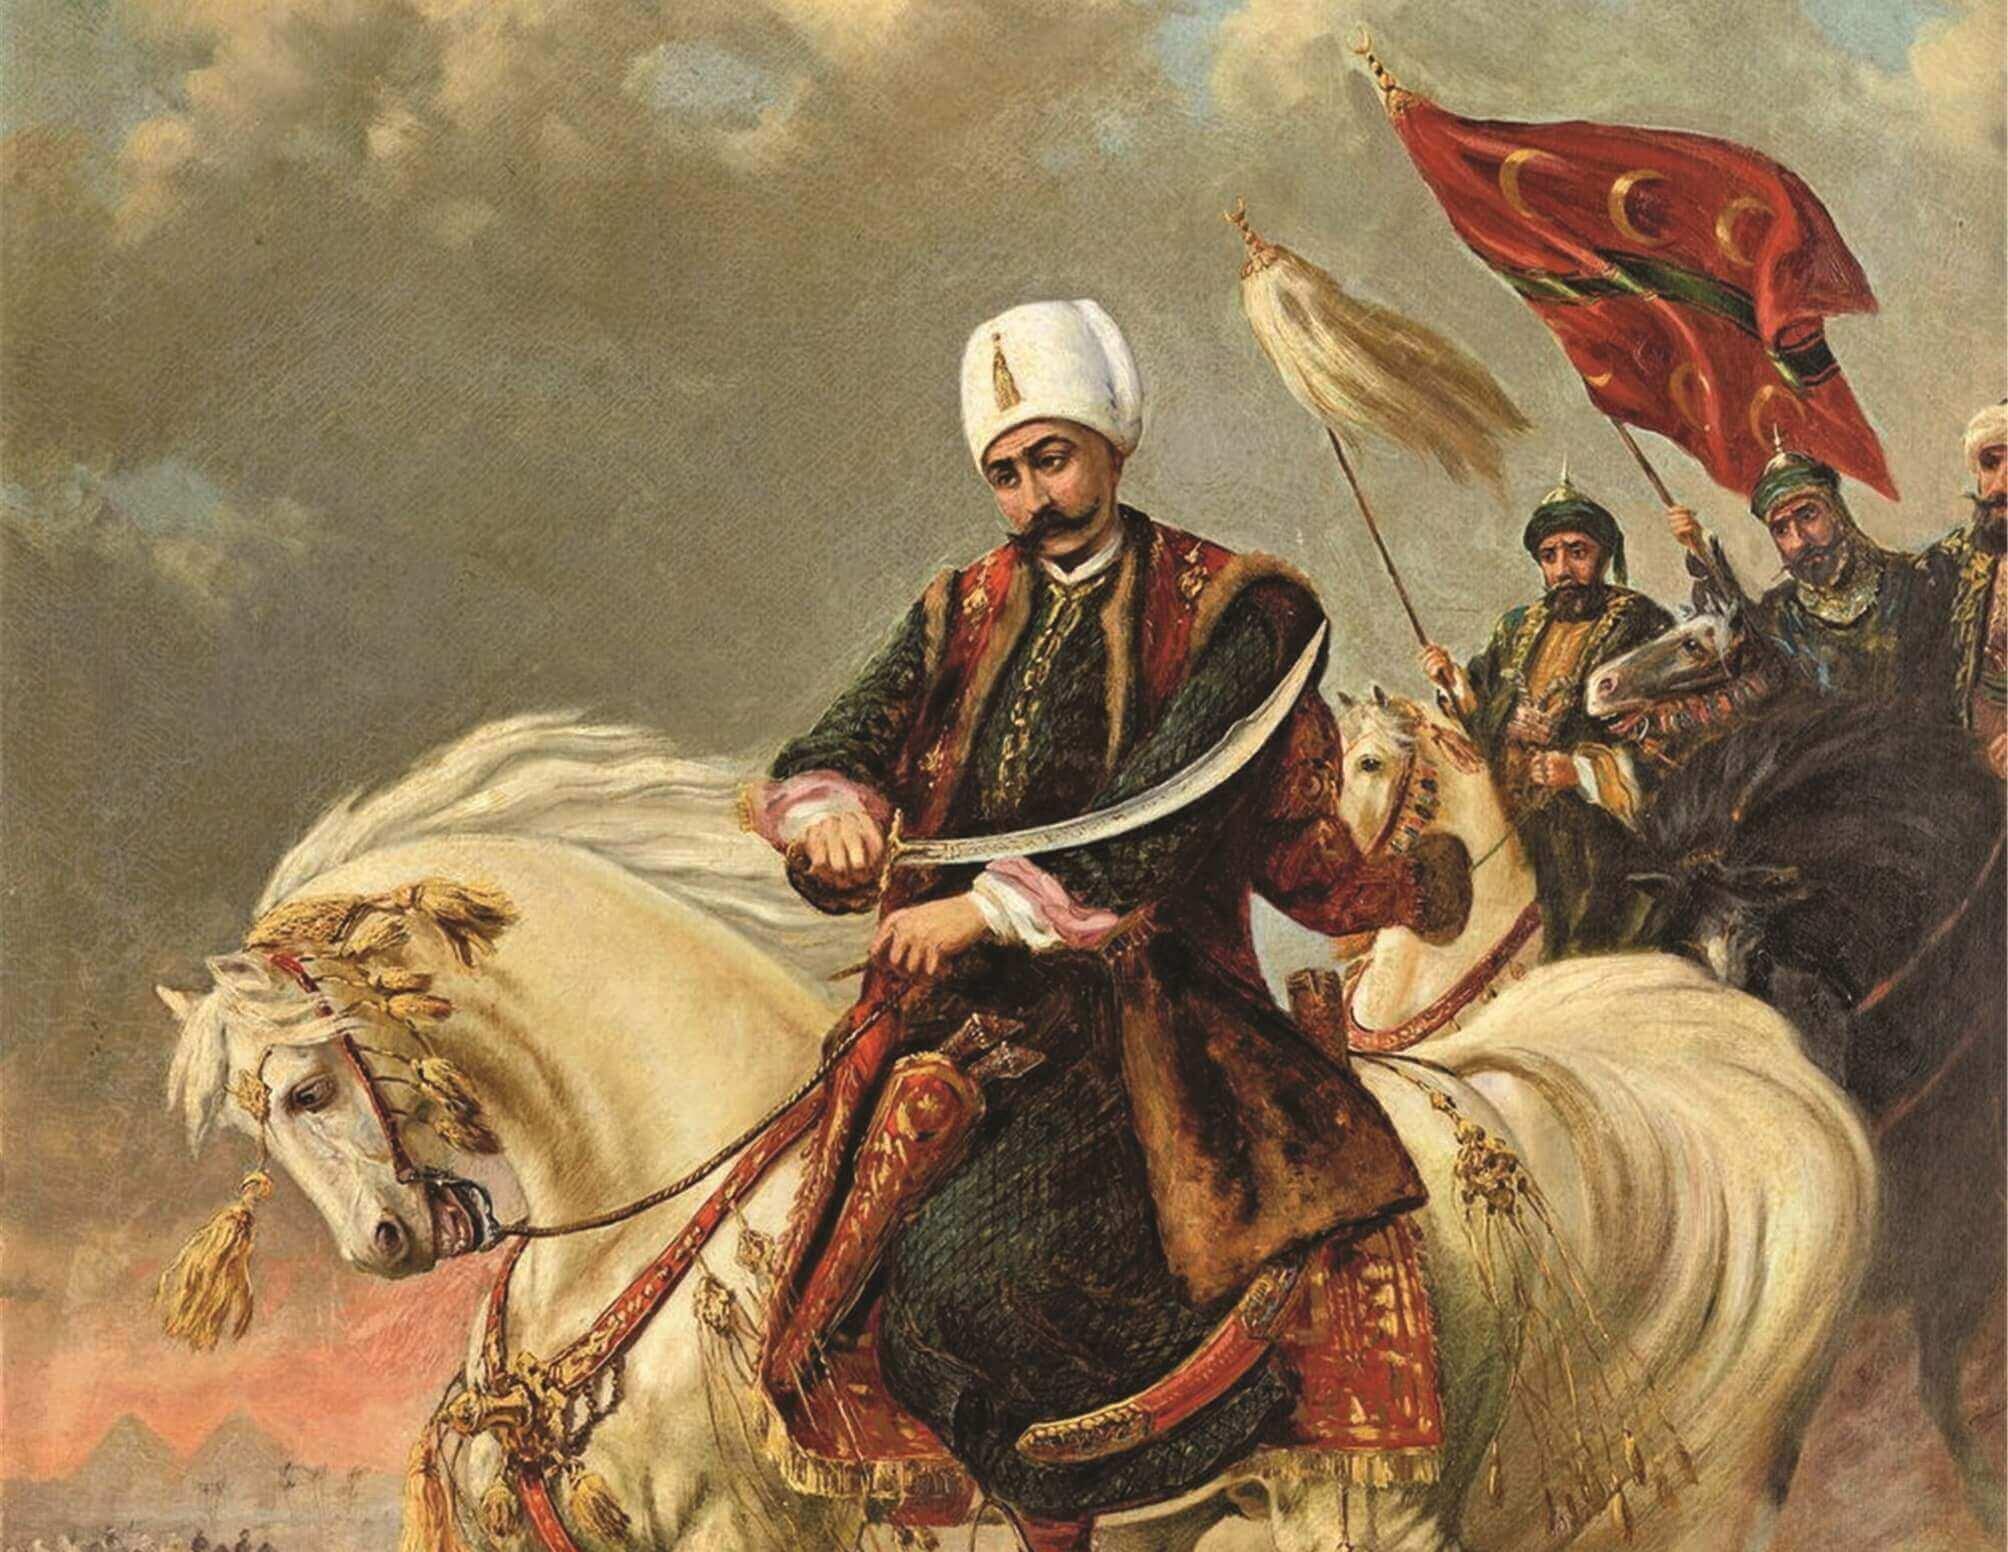 Halife Olan İlk Osmanlı Padişahı